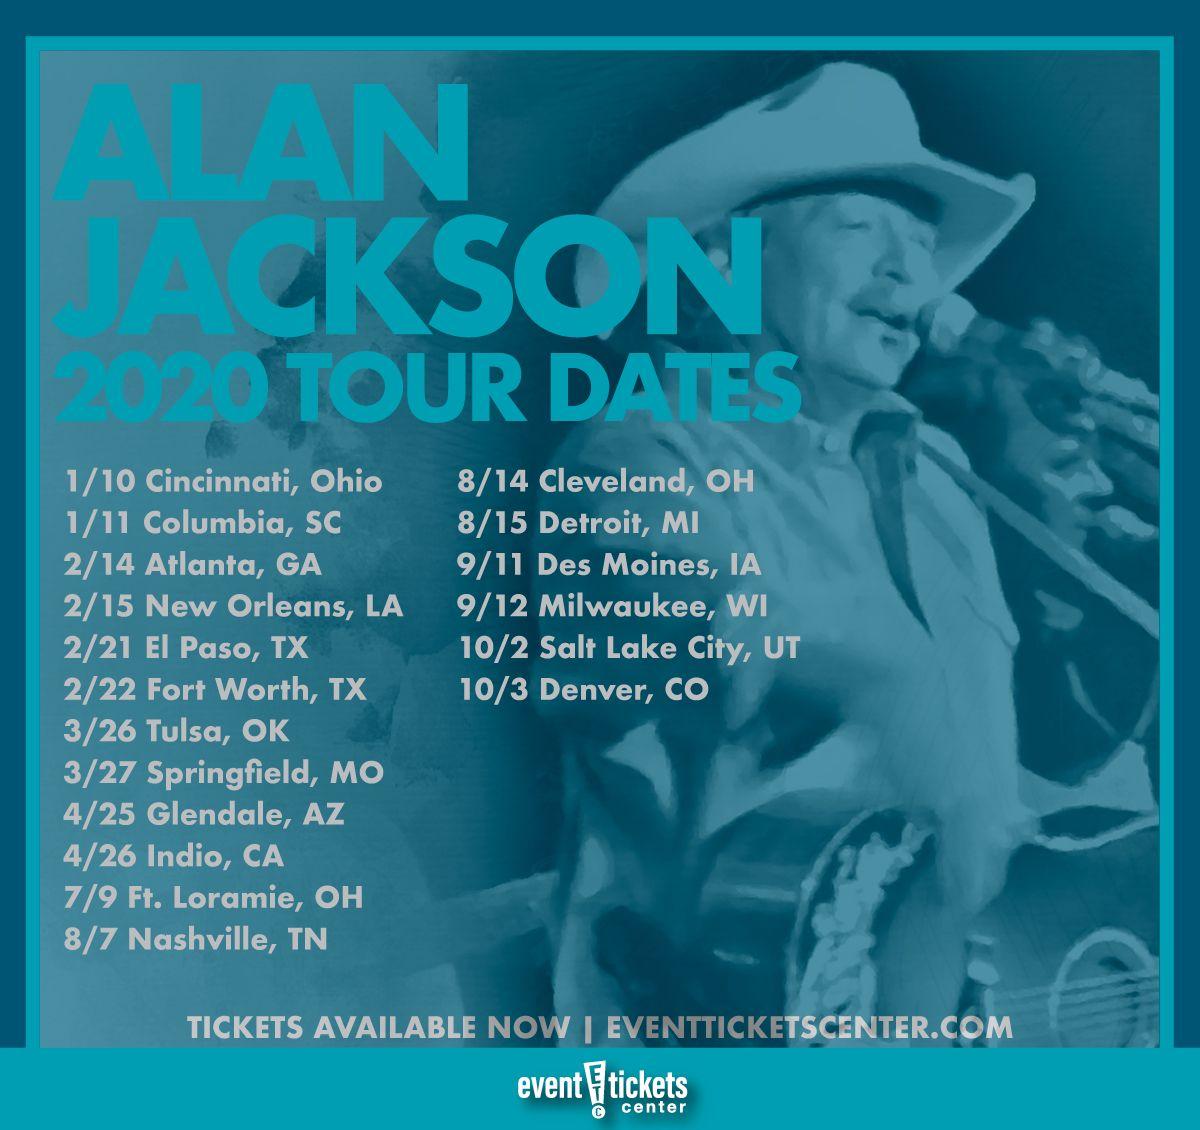 alan jackson 2020 tour dates